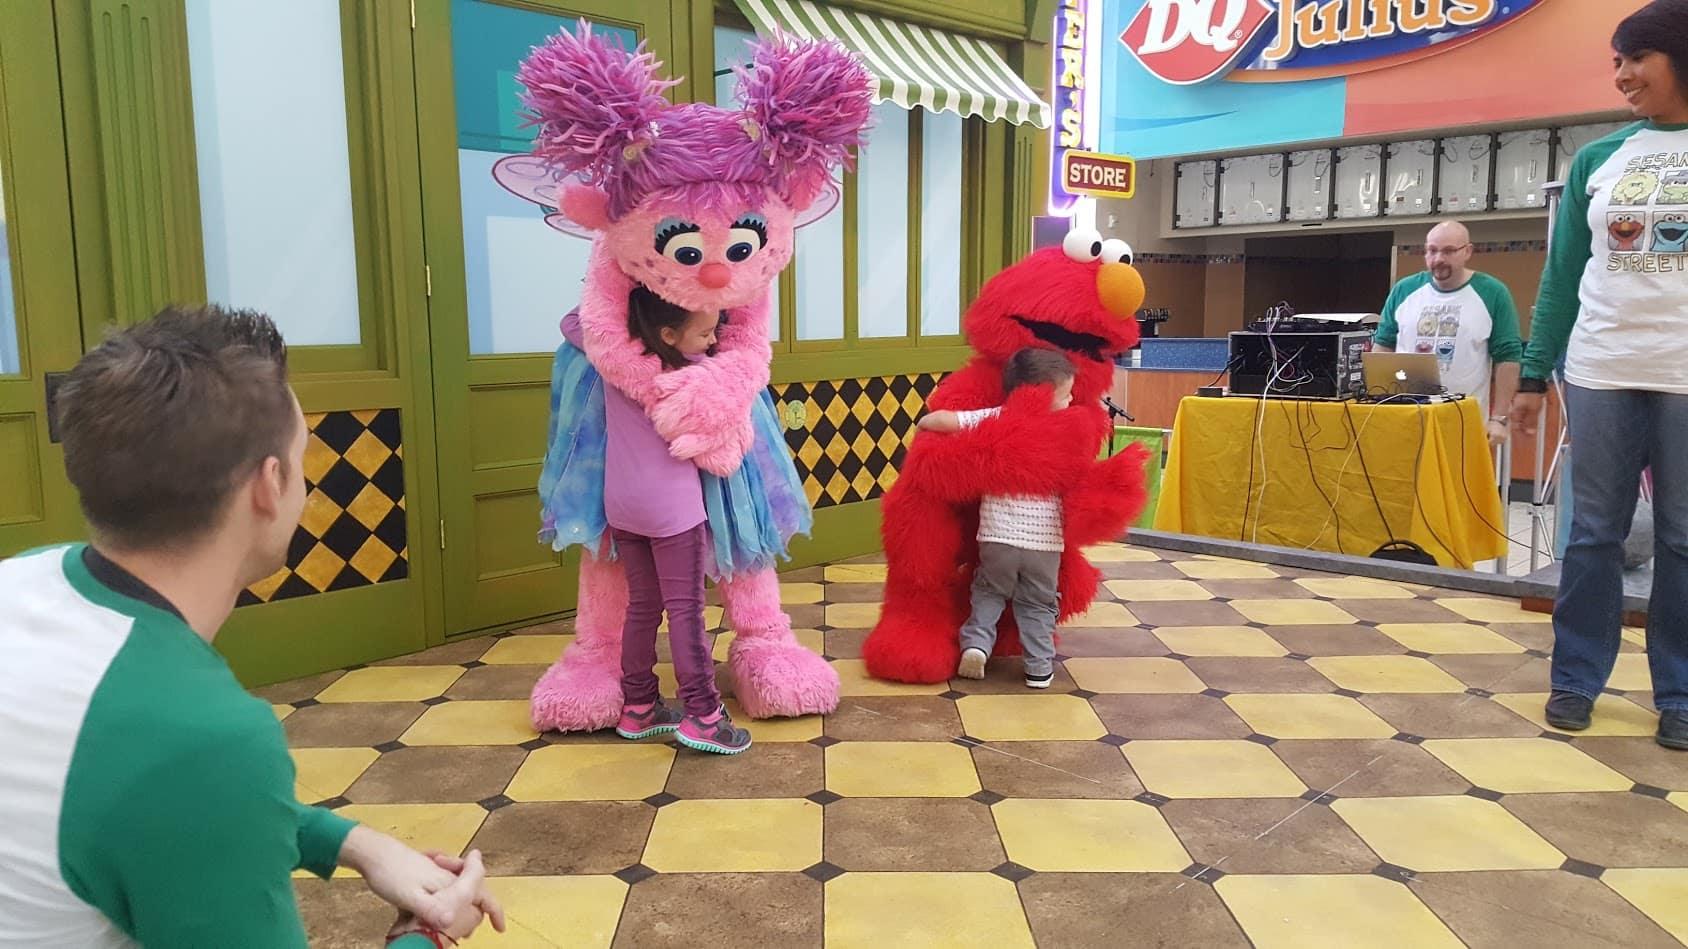 Meet Elmo and Abby Cadabby in Washington on February 3, 2018.